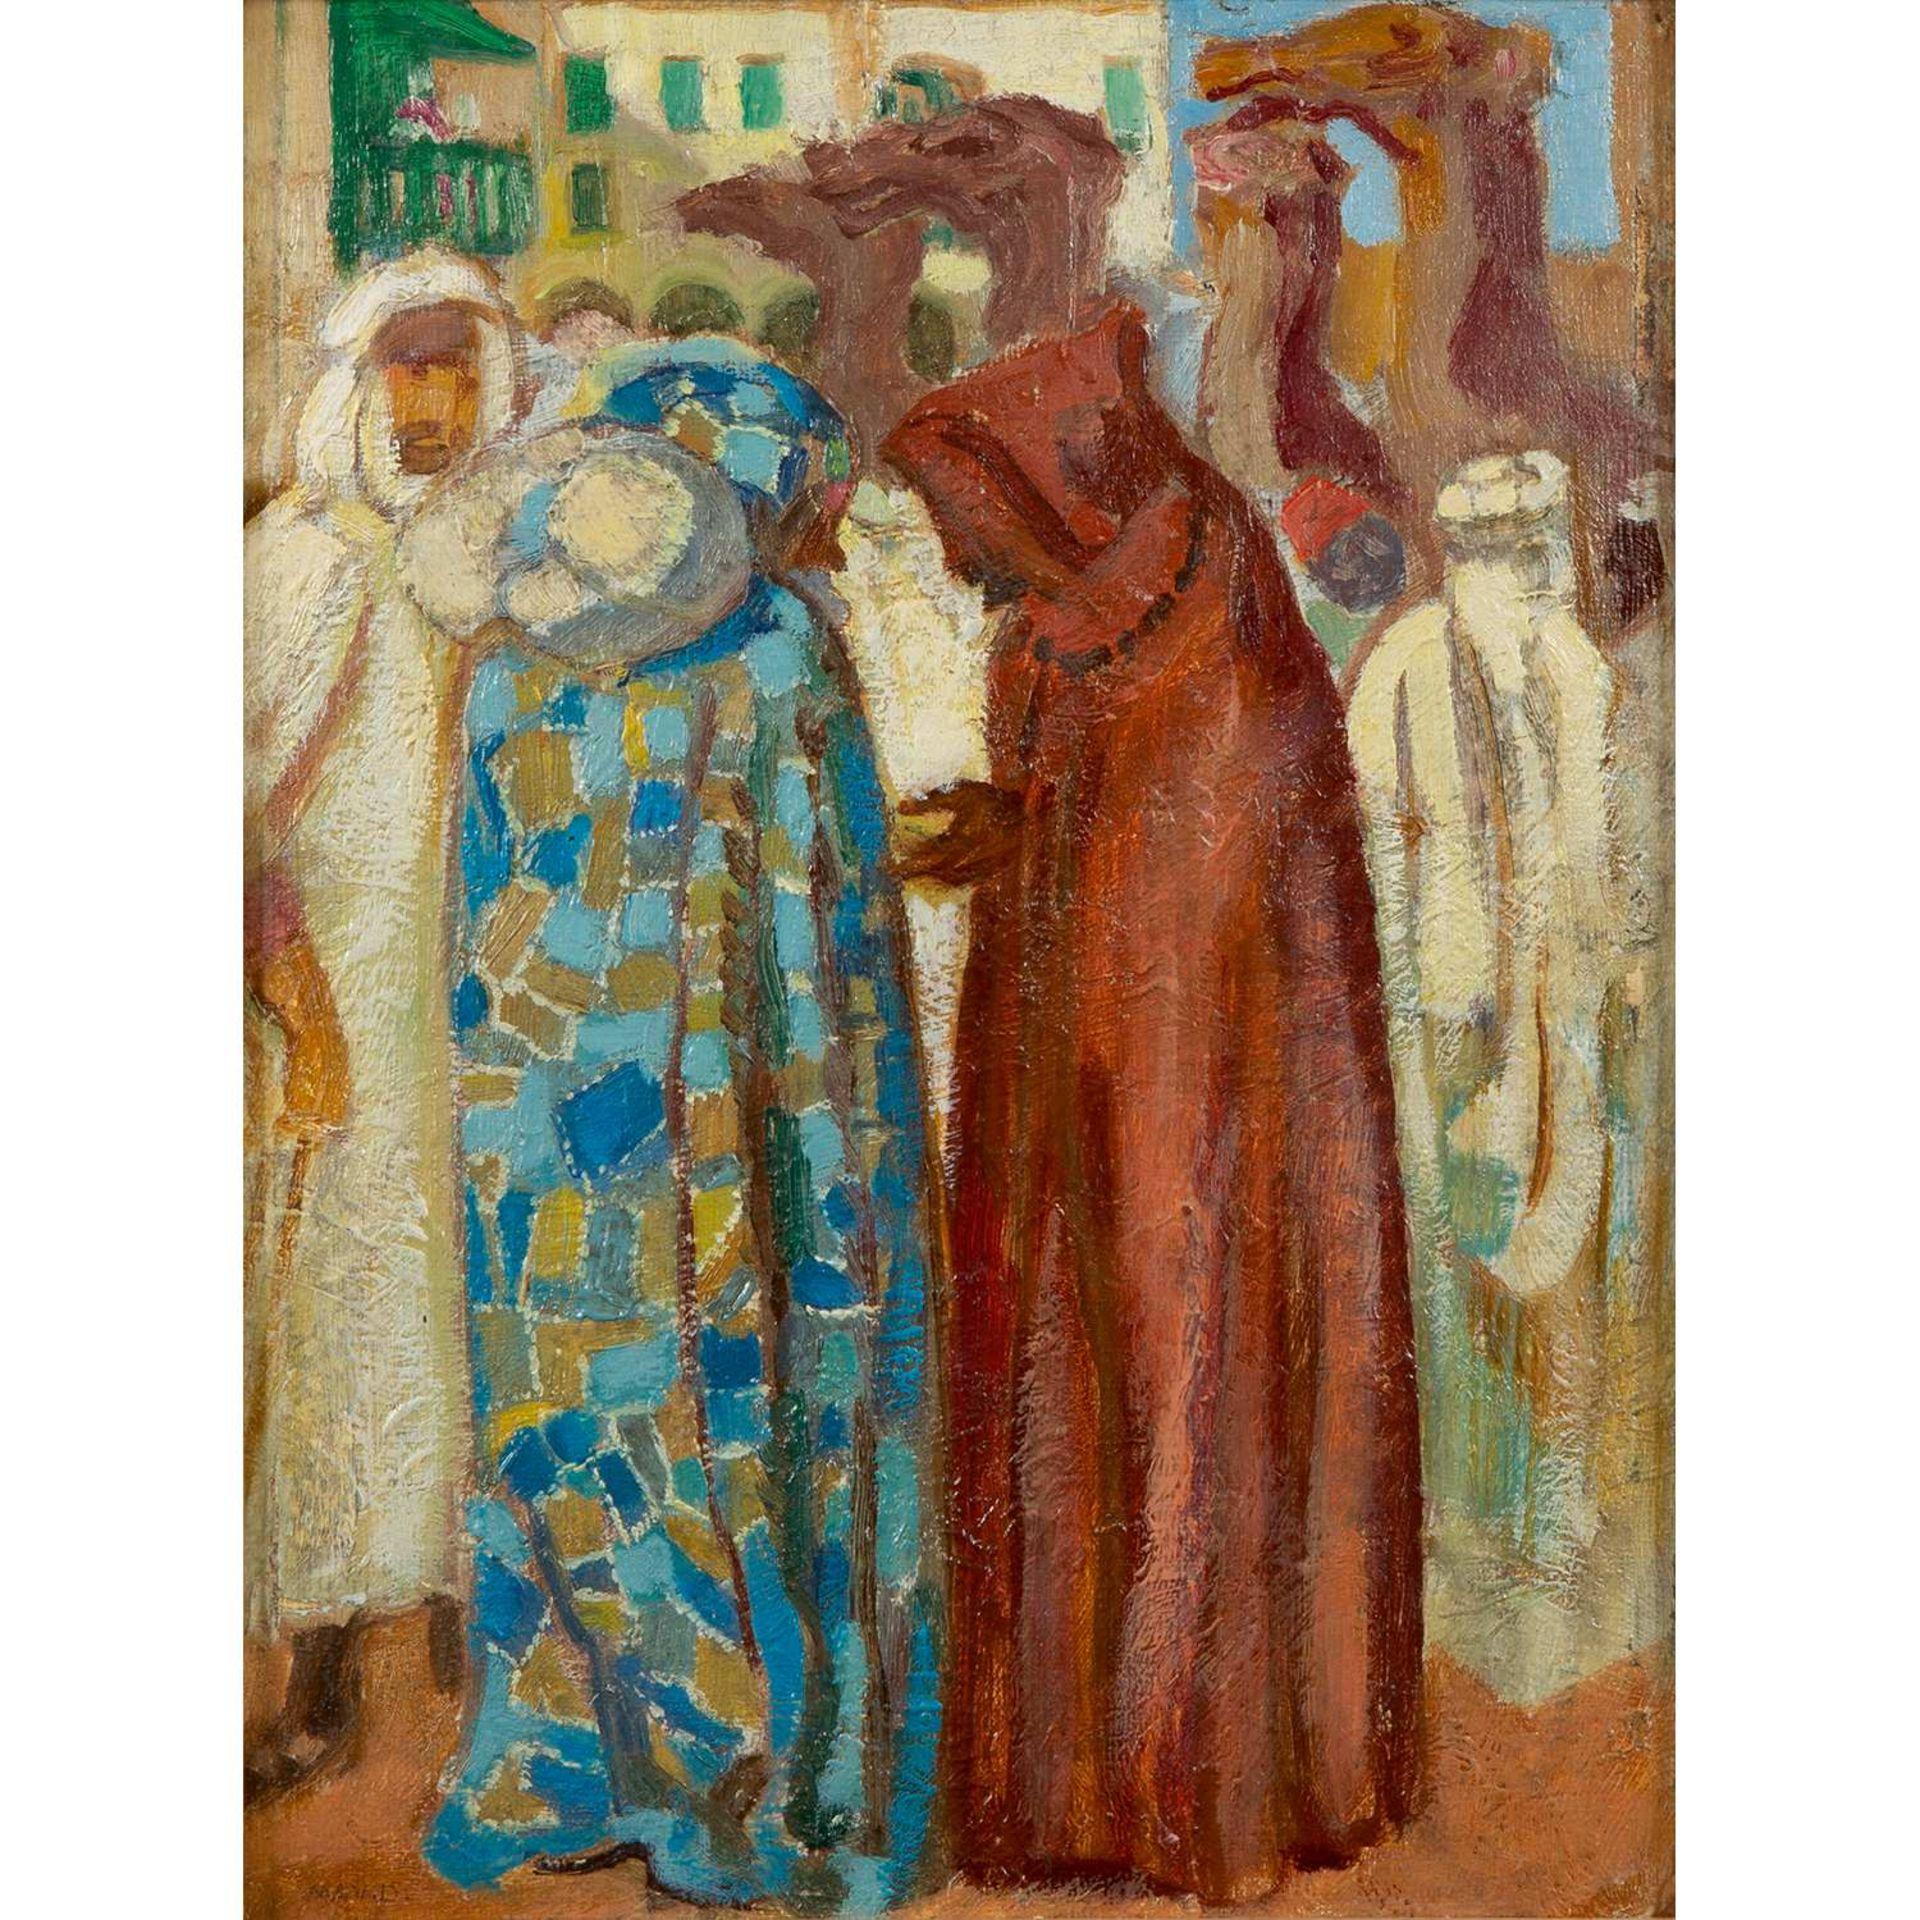 Los 34 - MAURICE DENIS (1870-1943) LE MARCHÉ À BISKRA Huile sur carton Signée en bas à gauche Annotée au